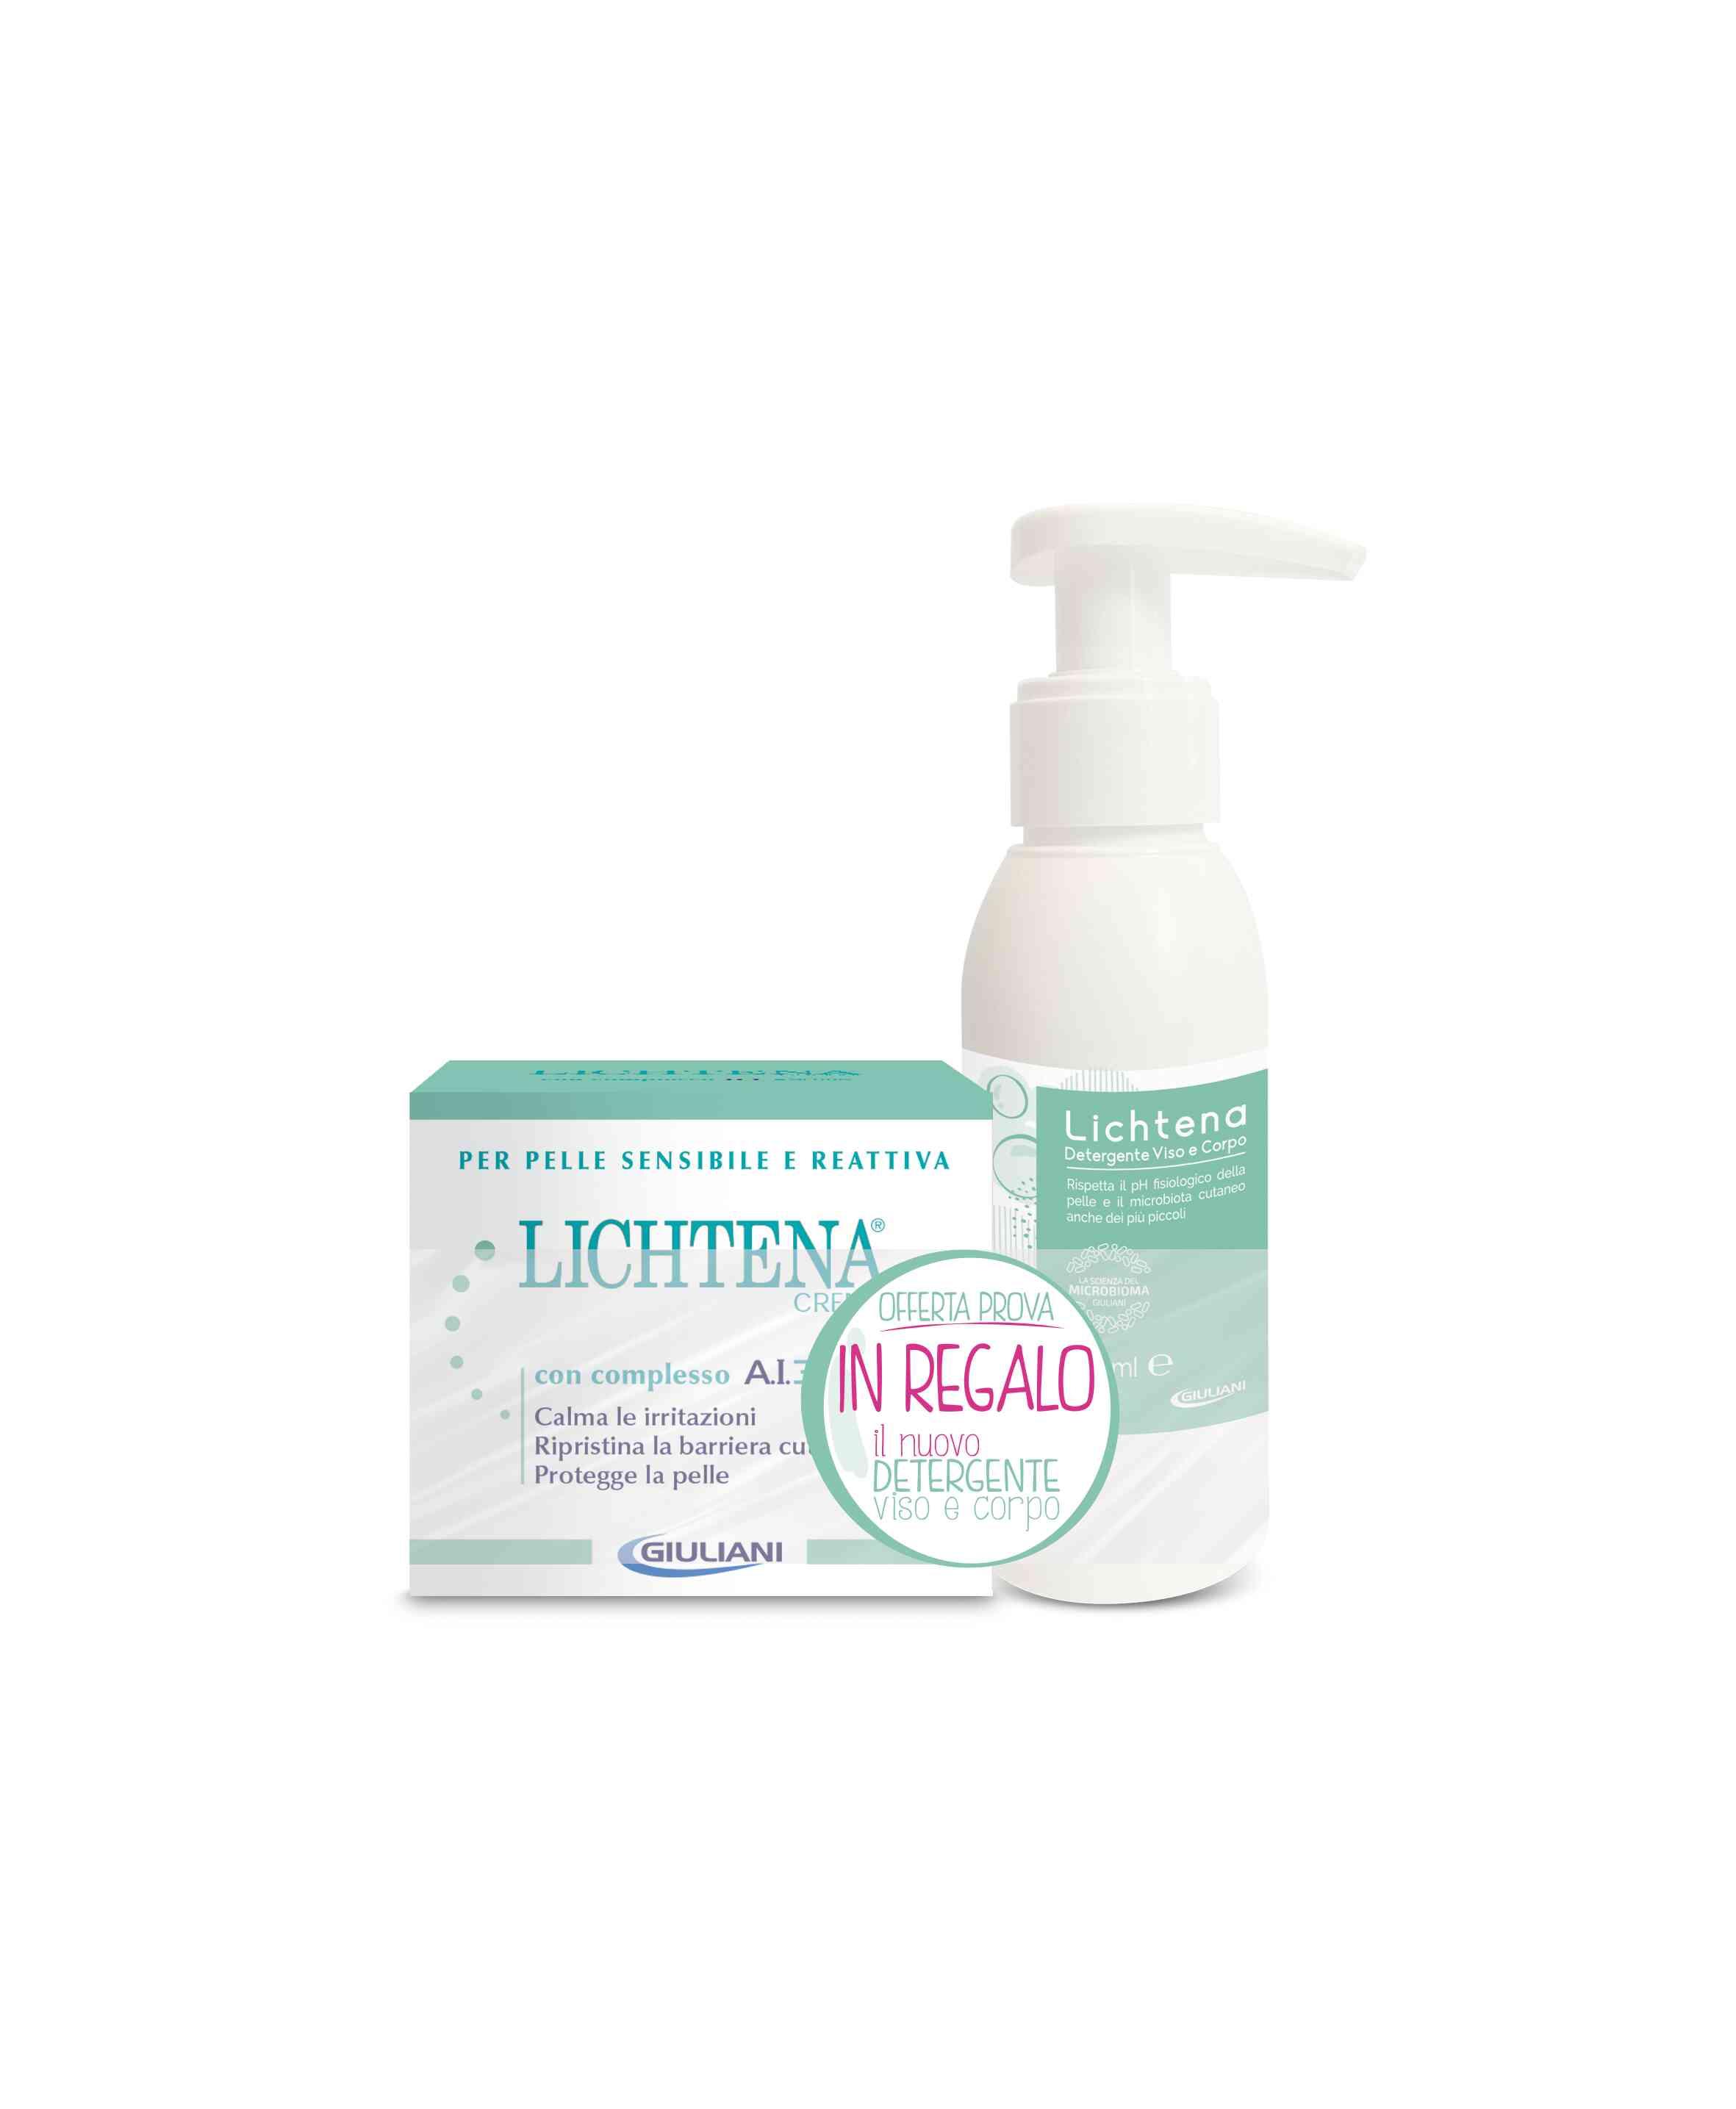 LICHTENA CREMA AI 3 ACTIVE 50 ML + Detergente Viso e Corpo 100ml (edizione limitata) - Farmacianuova.eu